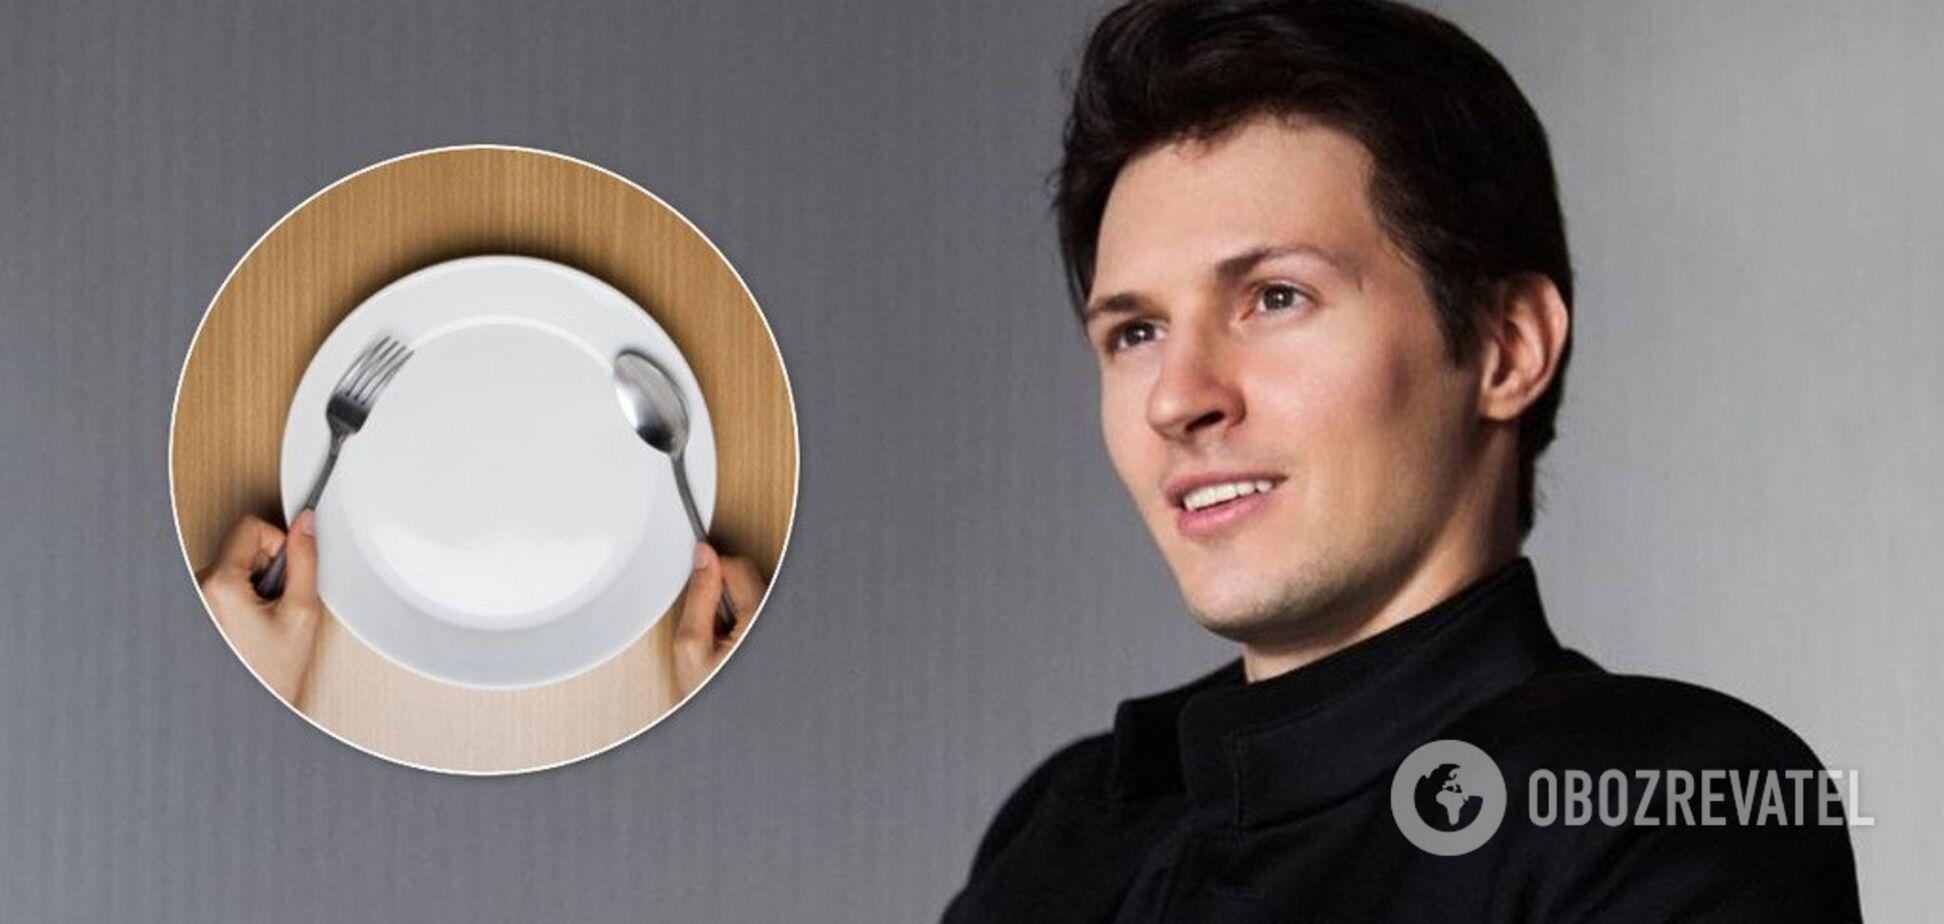 6 дней только на воде: Павел Дуров отказался от еды